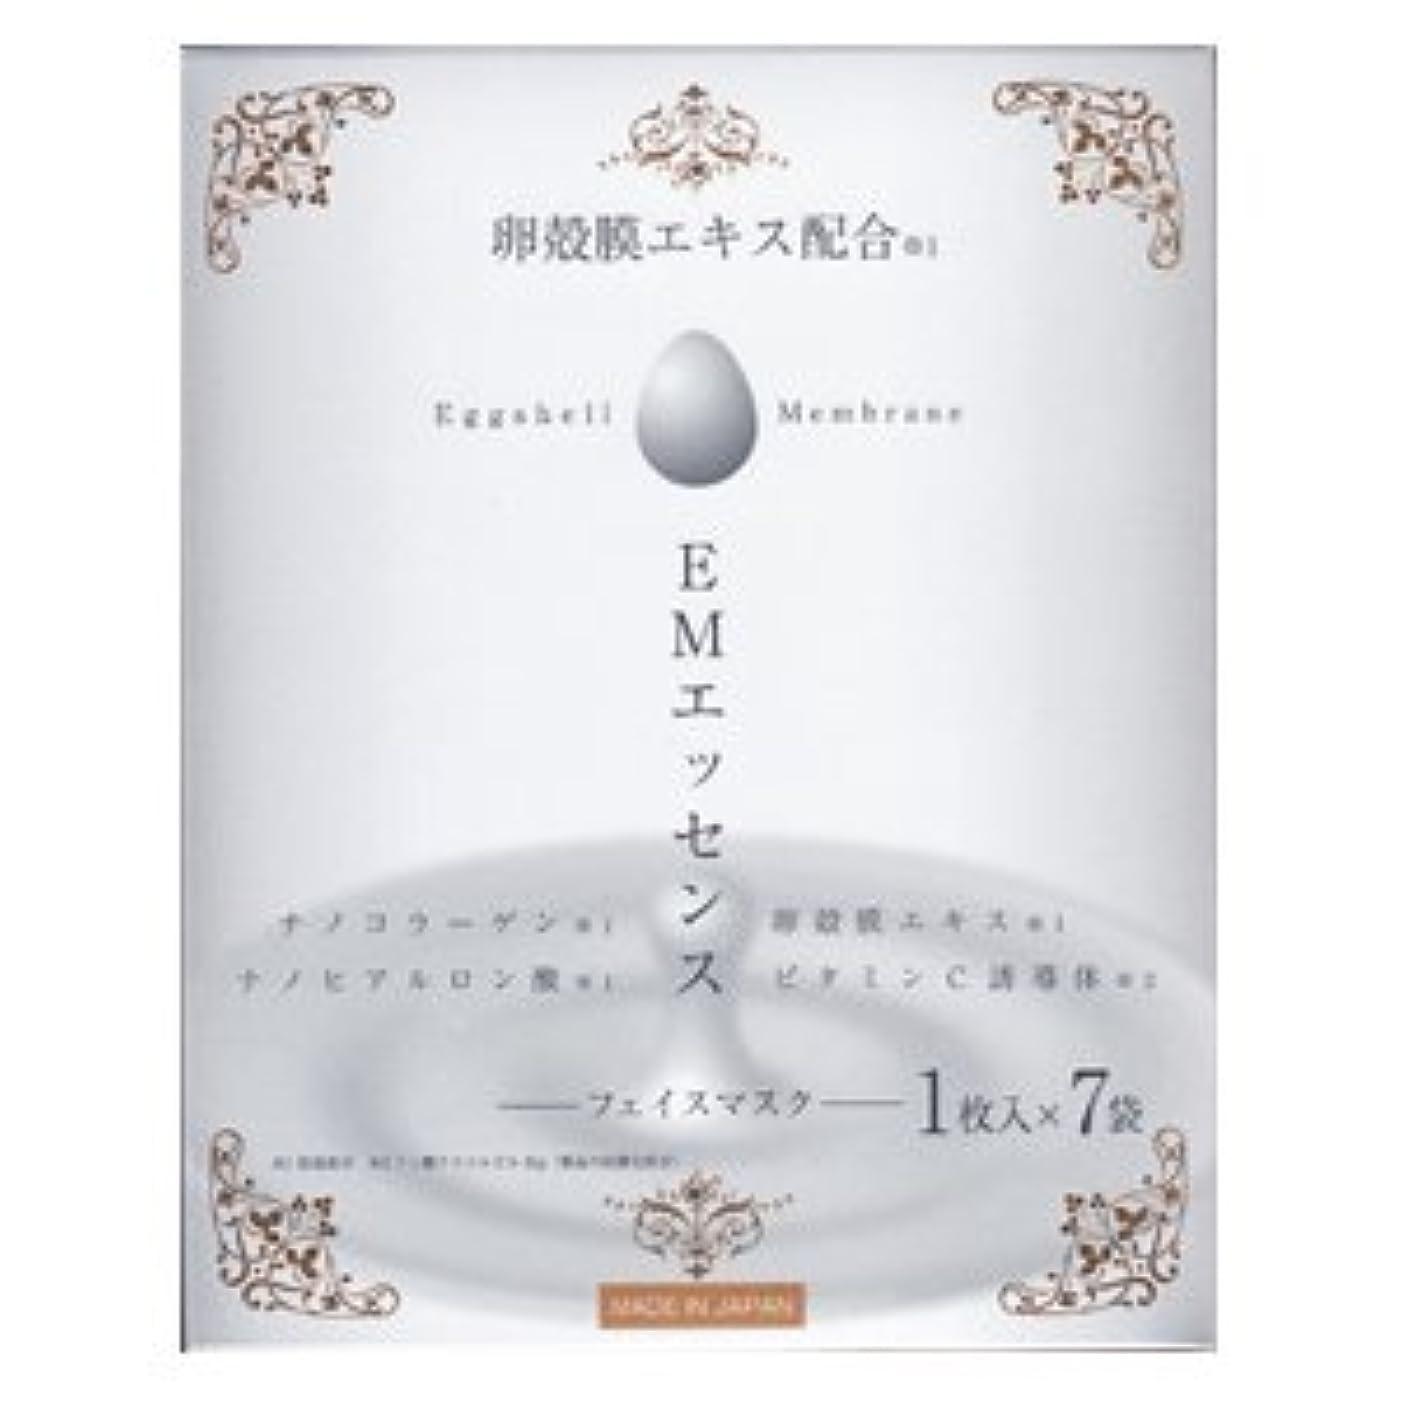 普通に提唱する歌卵殻膜エキス配合 EMエッセンス フェイスマスク 1枚入×7袋